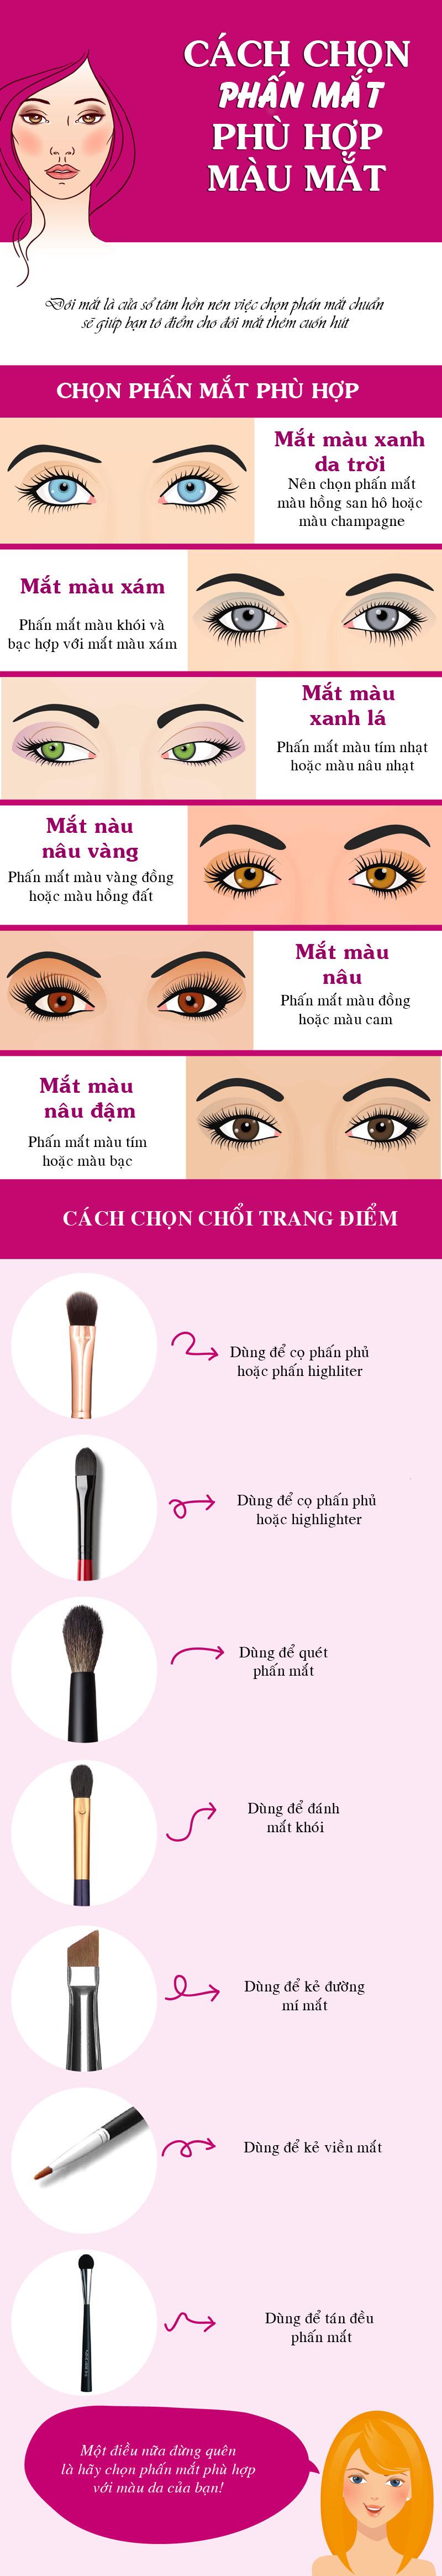 Tips chọn phấn mắt phù hợp màu mắt không phải ai cũng biết - 1